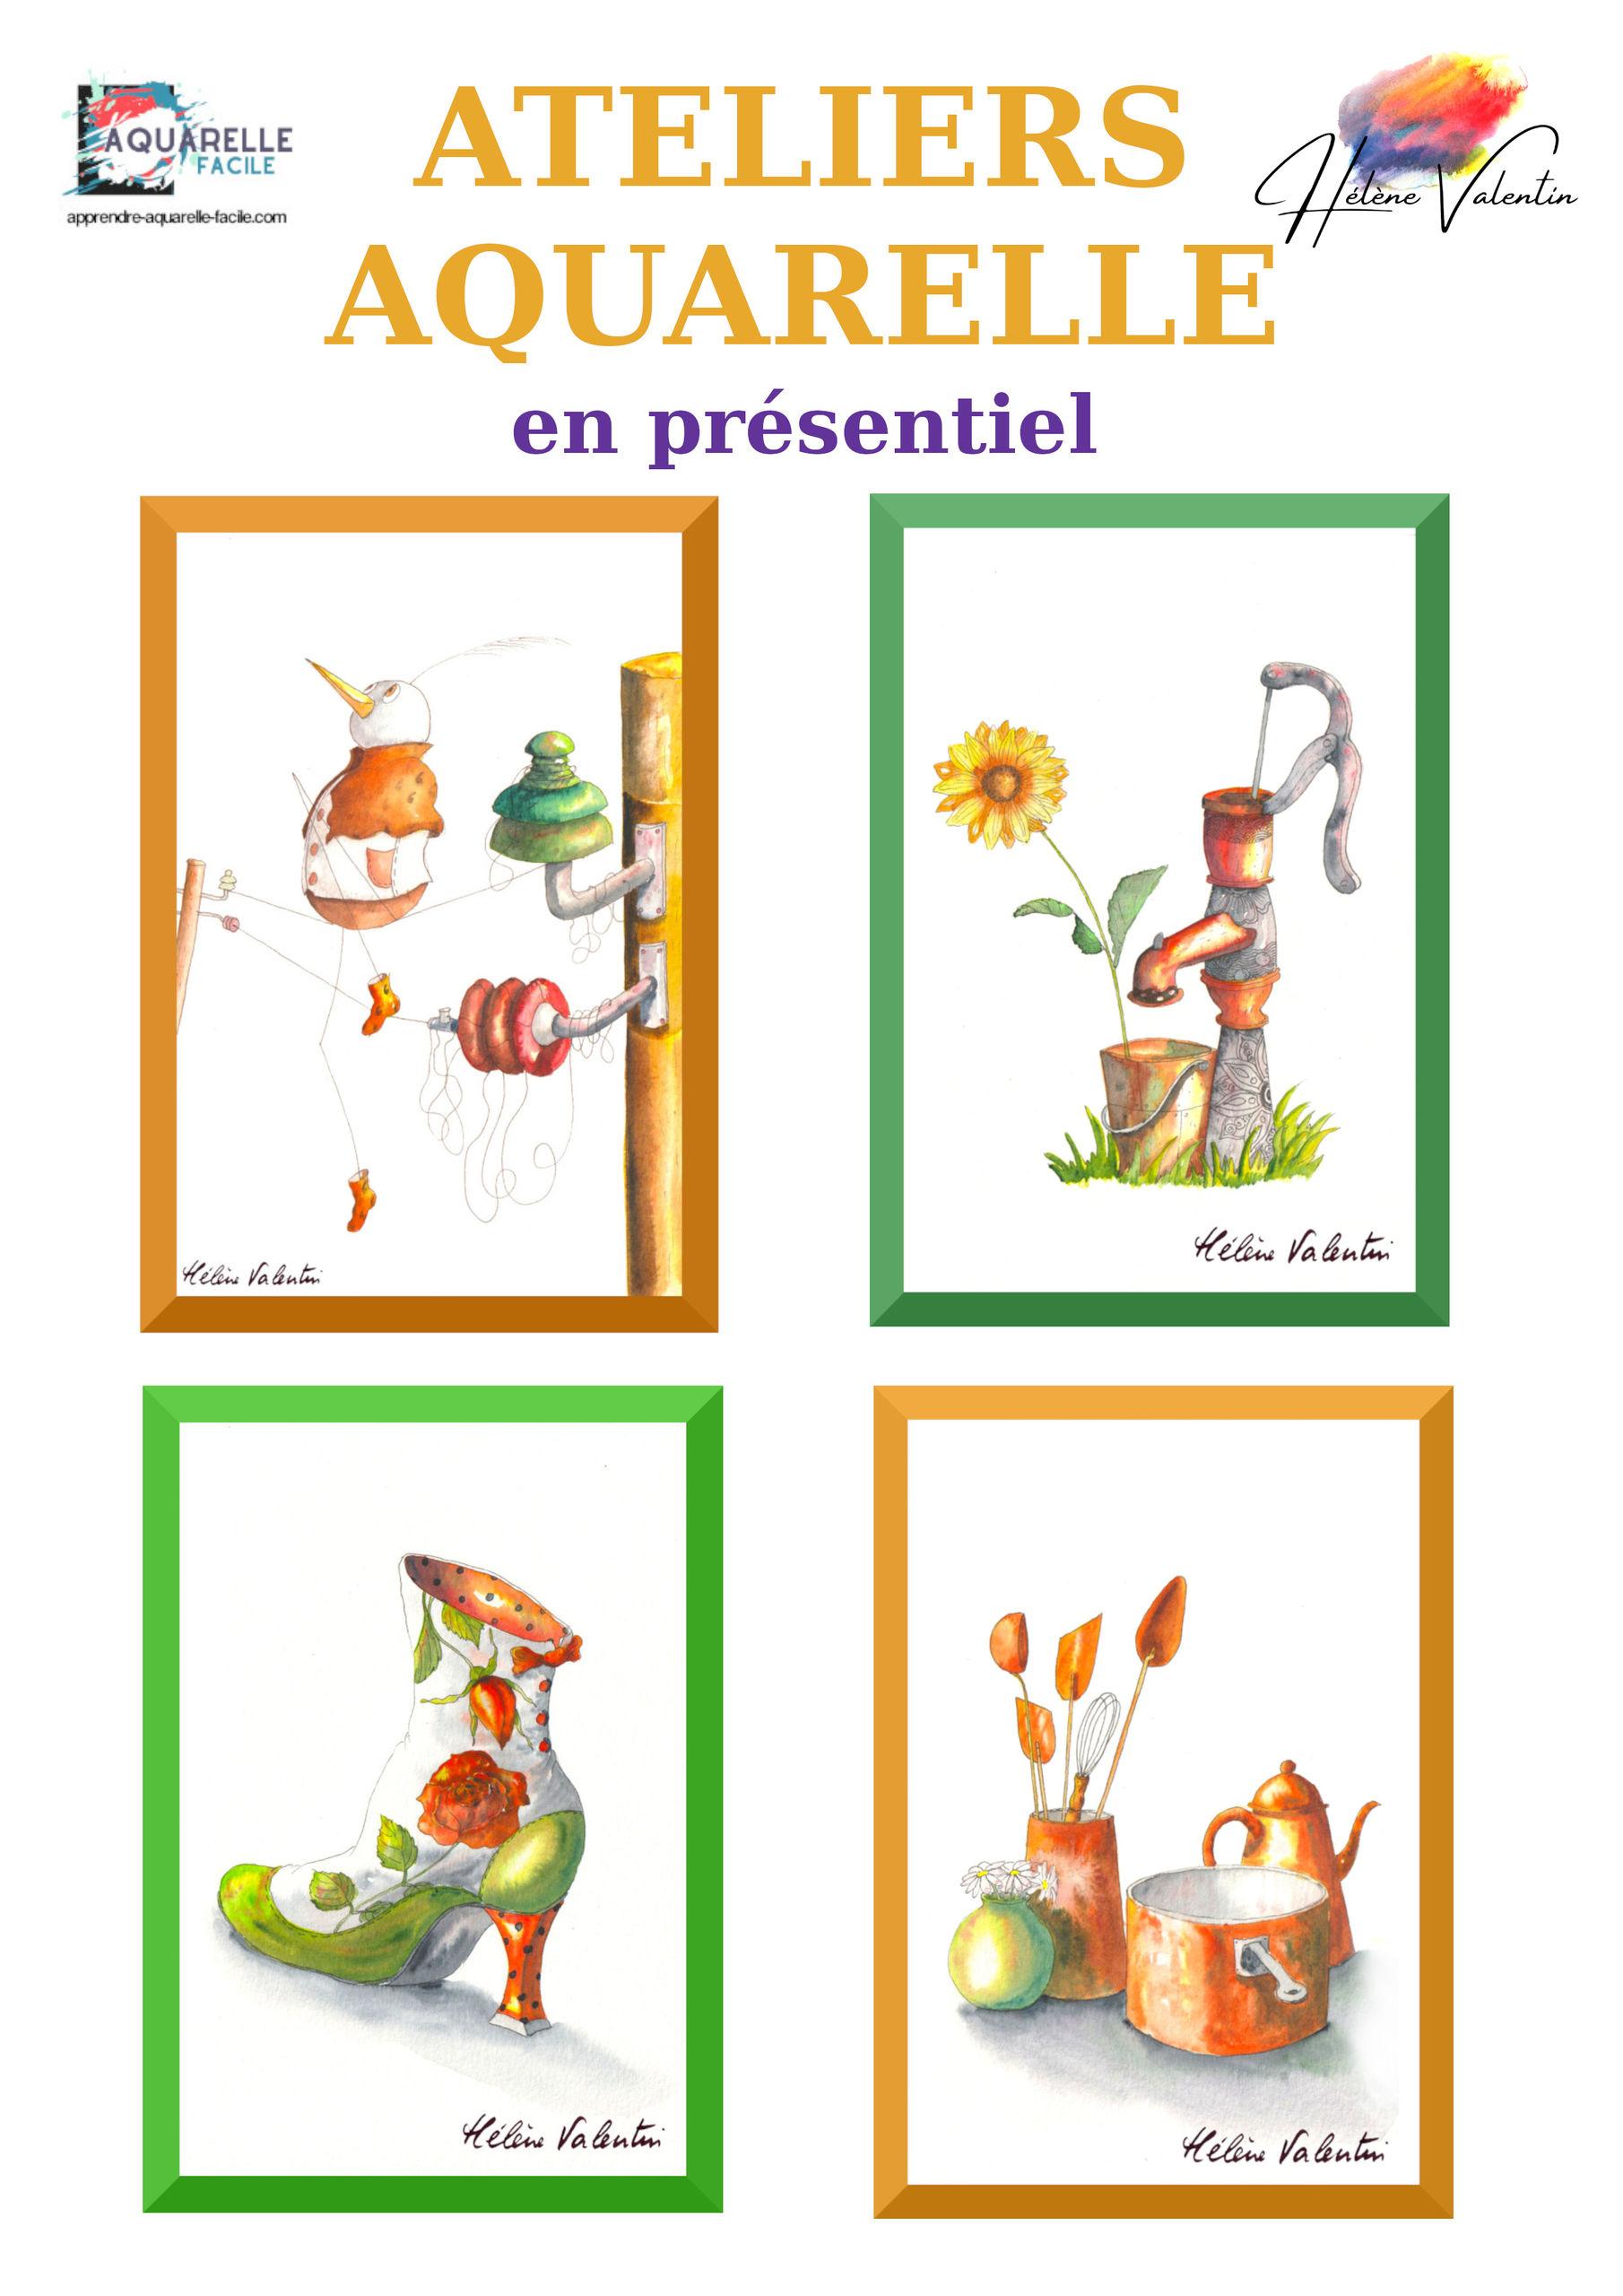 ateliers juillet 2021 - aquarelles- Hélène Valentin